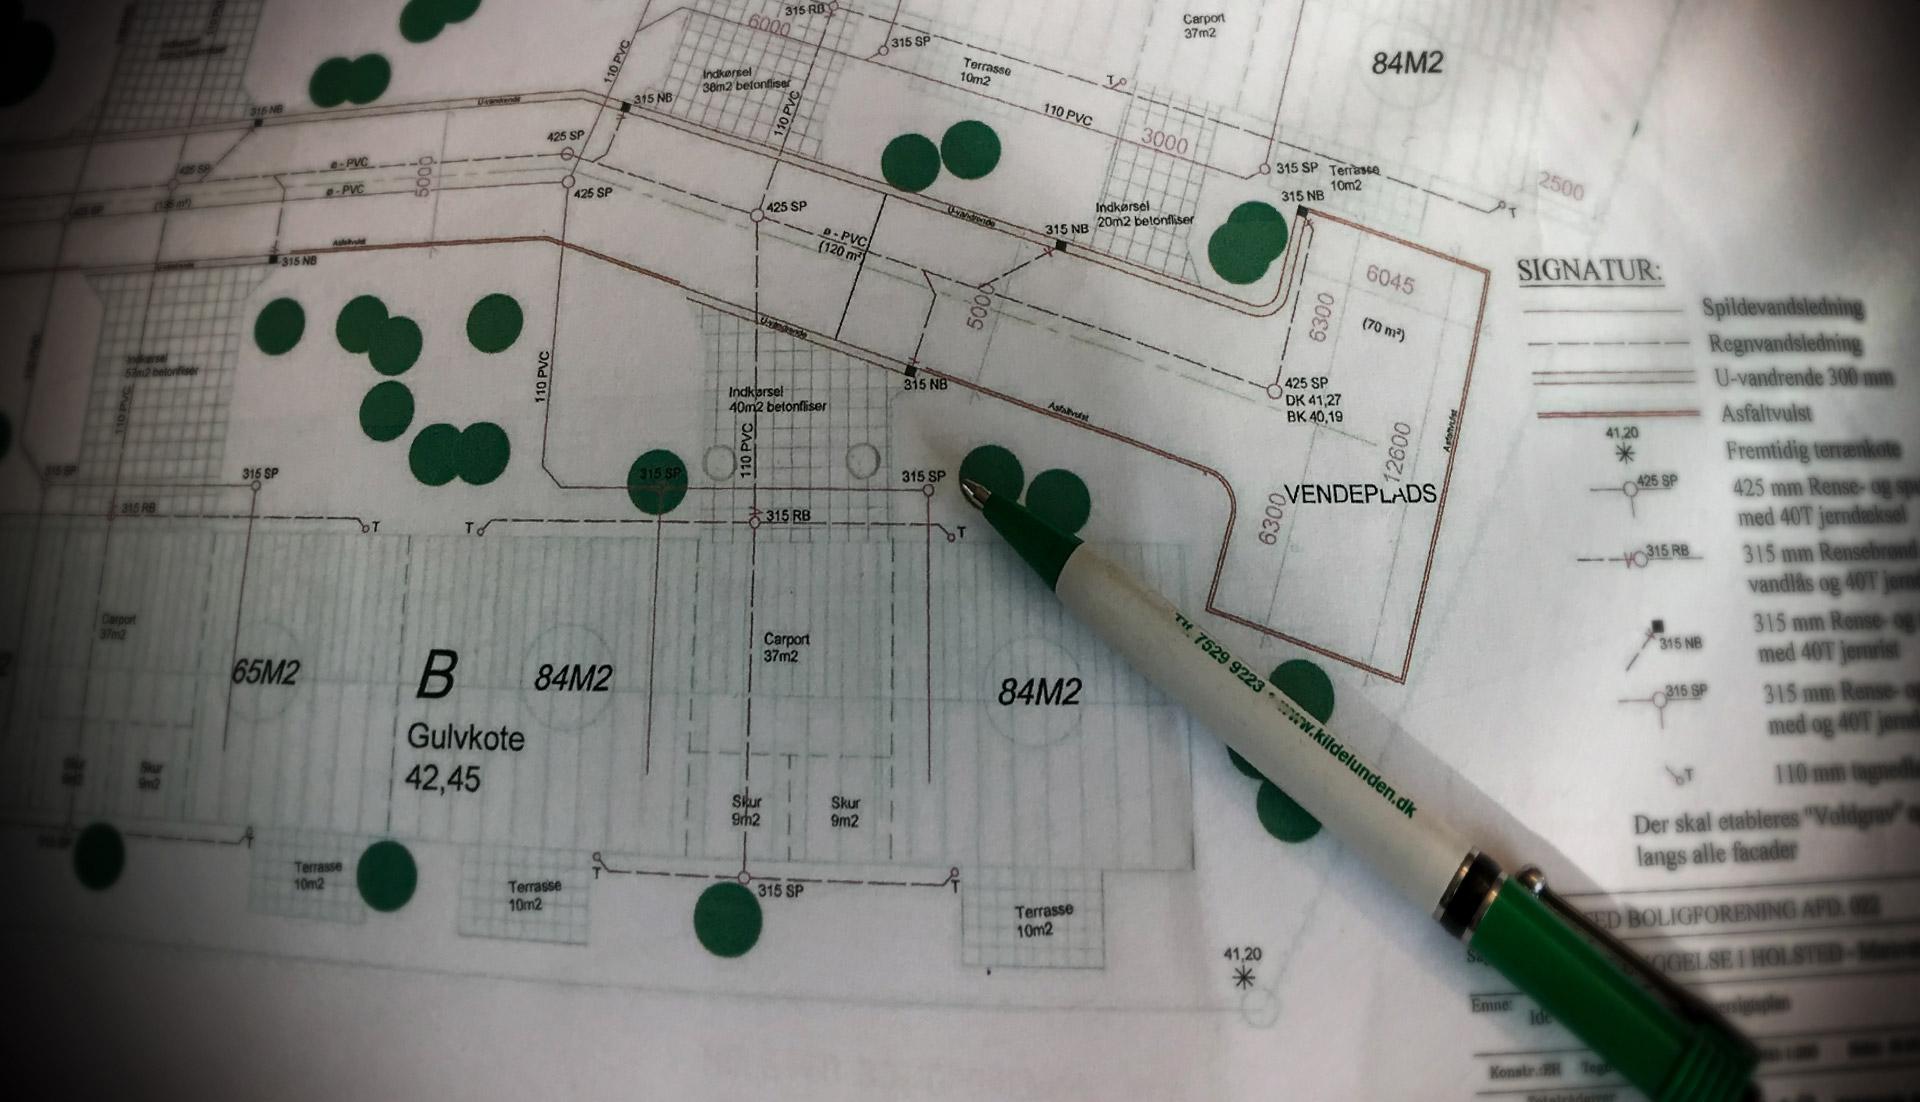 Havekonsulenten tegner haver, anlæg og grønneområder